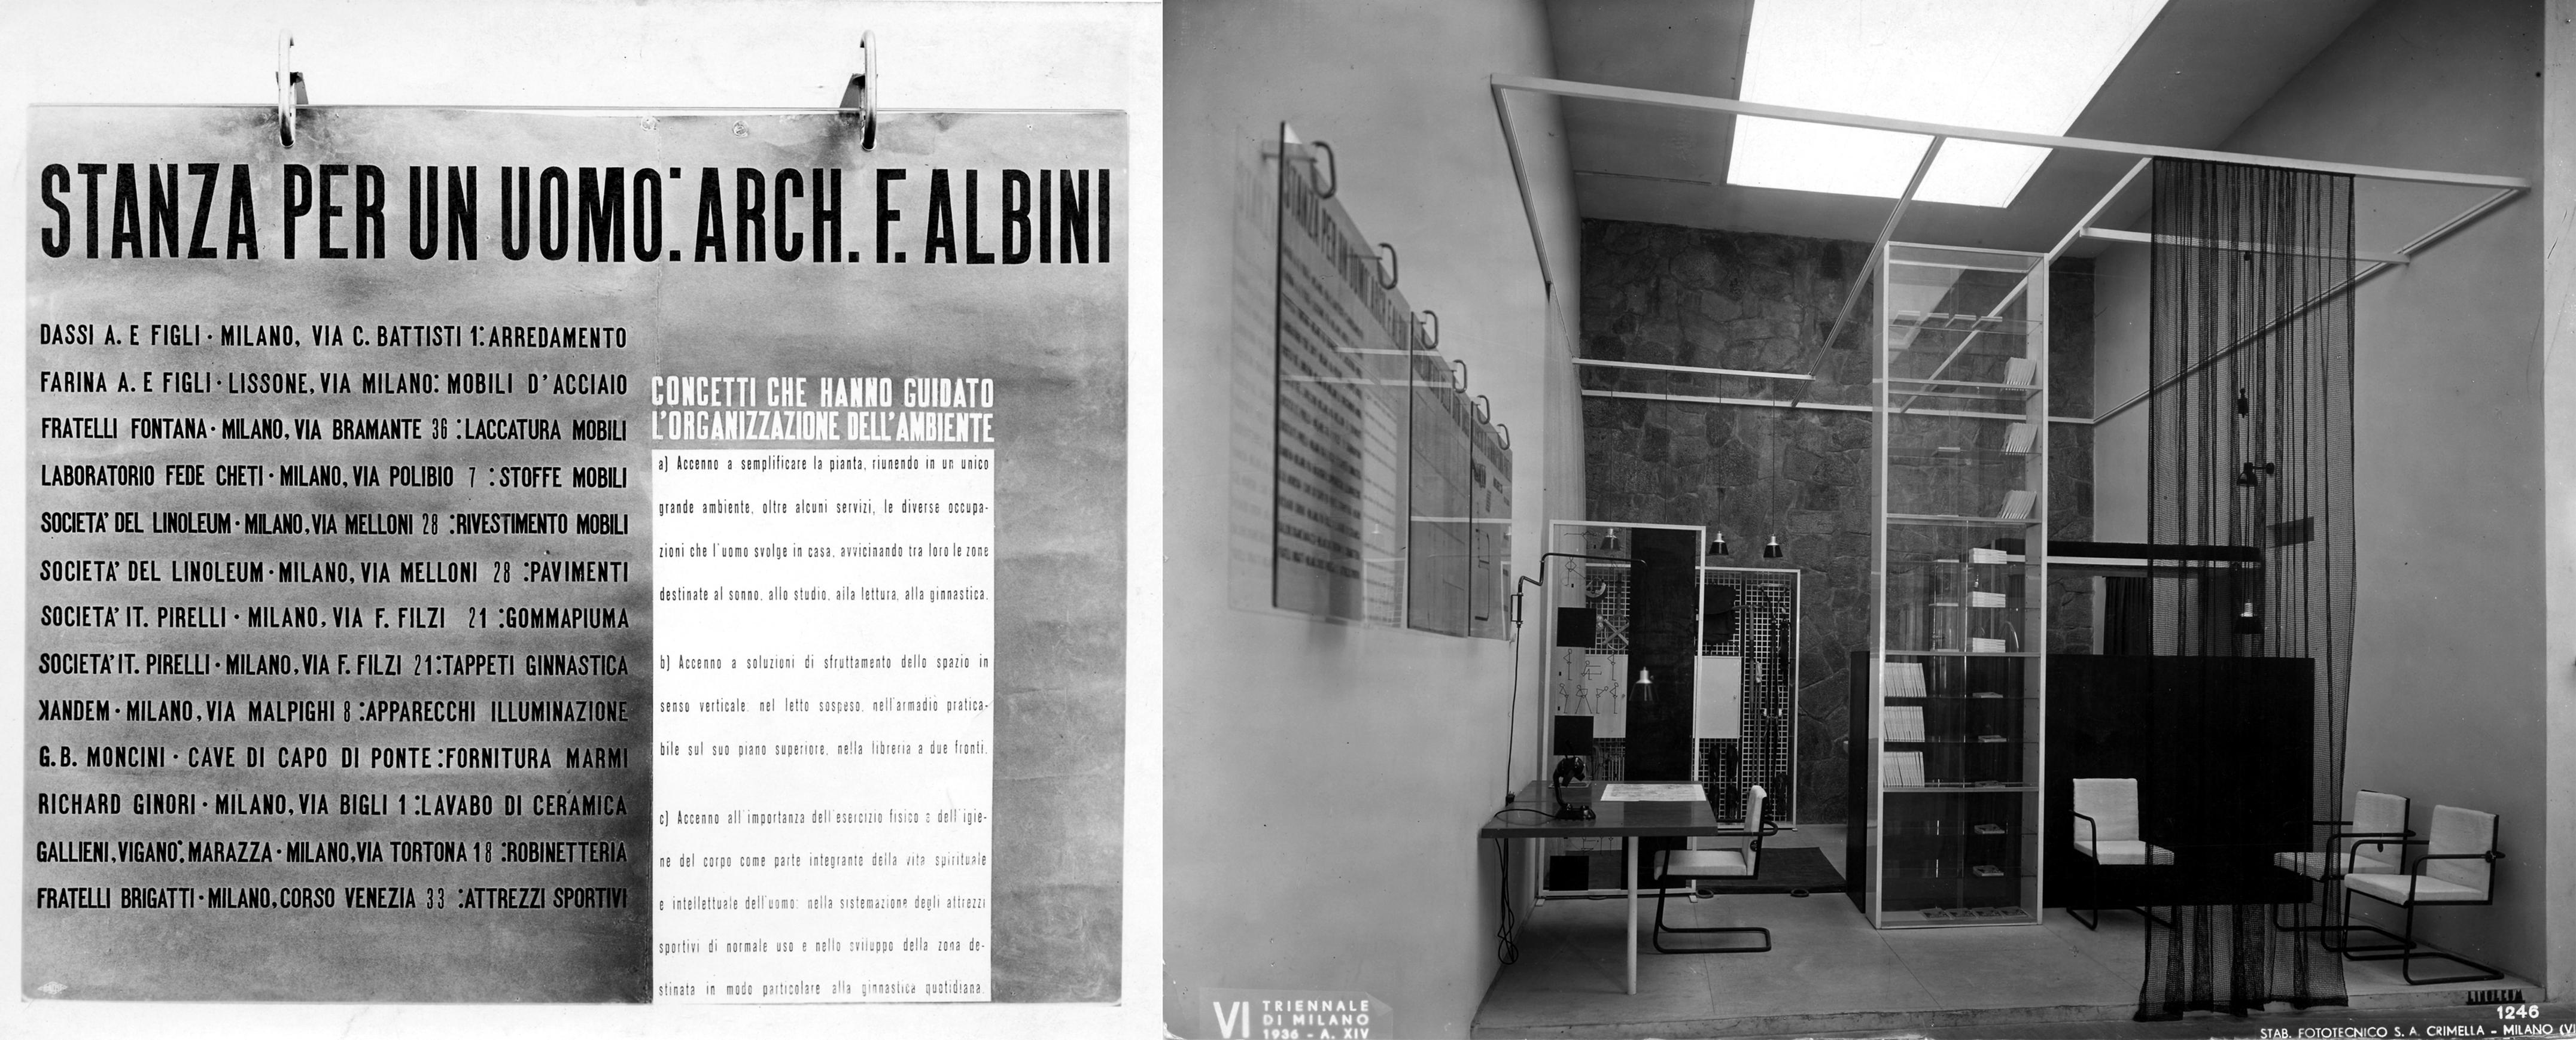 Design Degli Interni Roma franco albini e il progetto dell'effimero (1936-1958): le